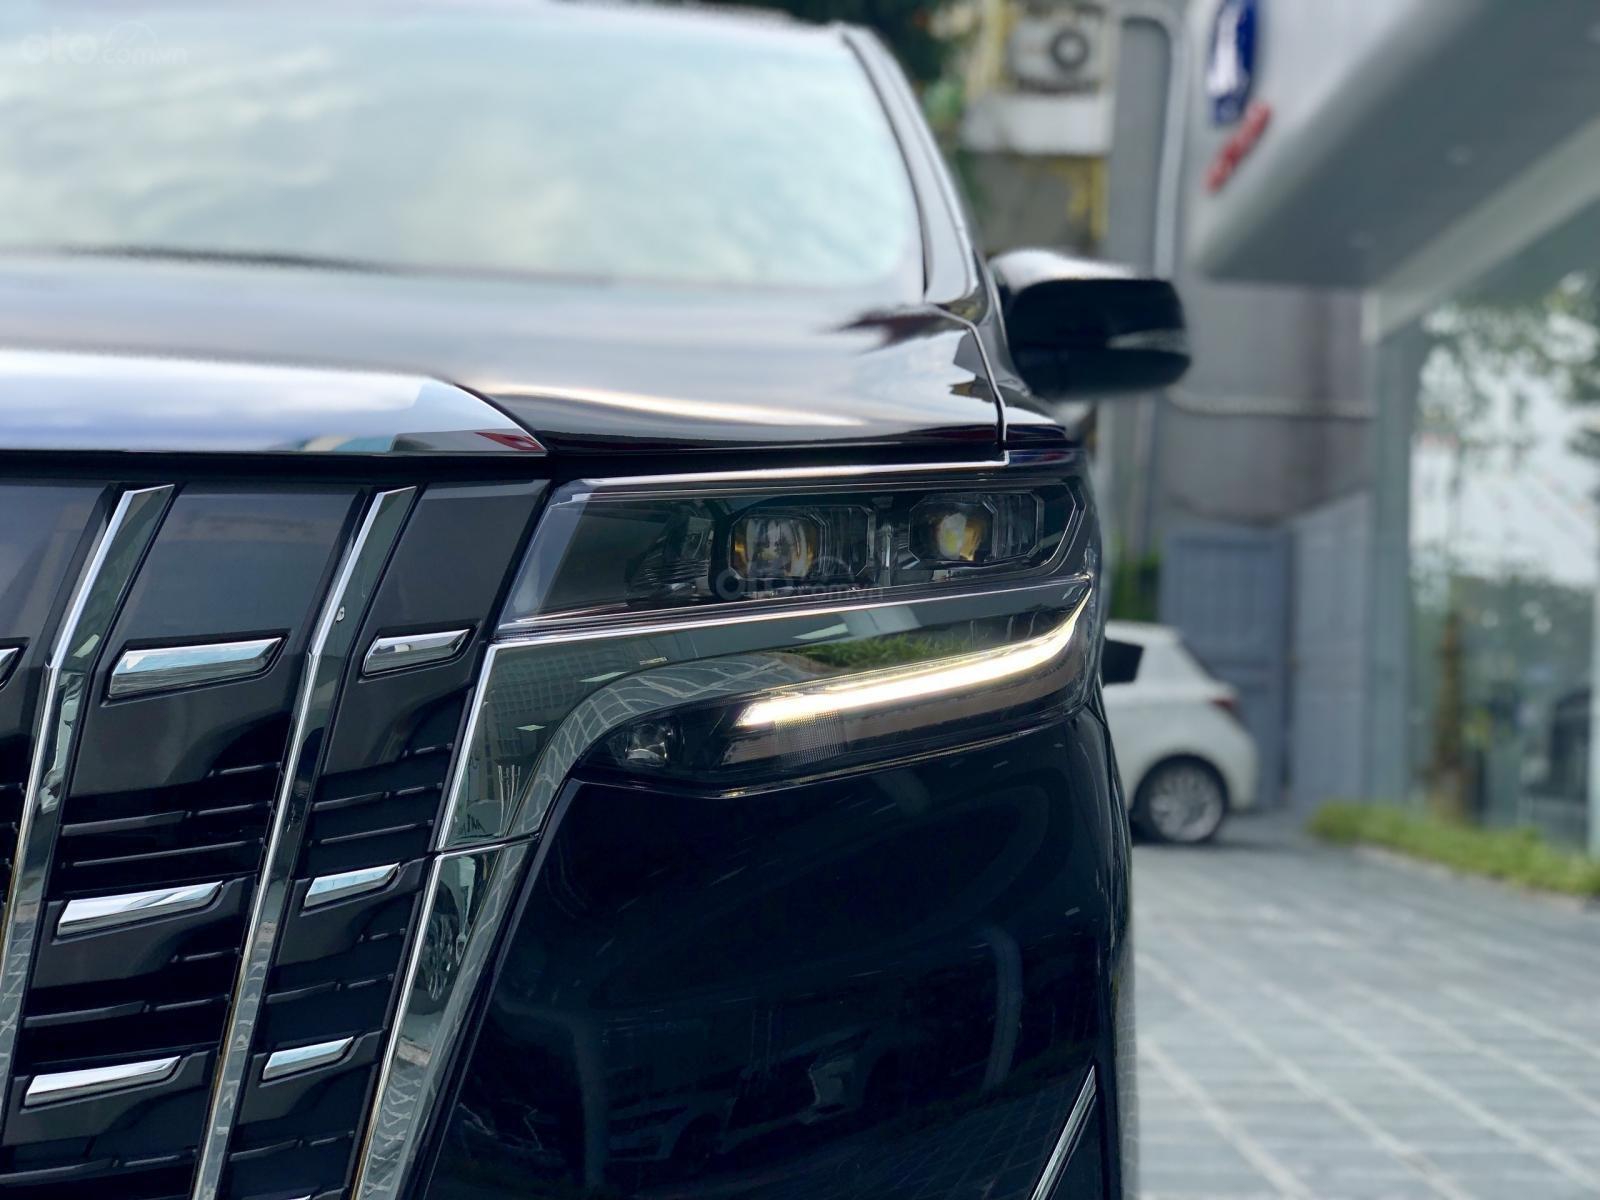 Giao ngay Toyota Alphard Excutive Lounge 2019, xe mới có sẵn ở showroom, LH Ms. Hương 094.539.2468 (9)